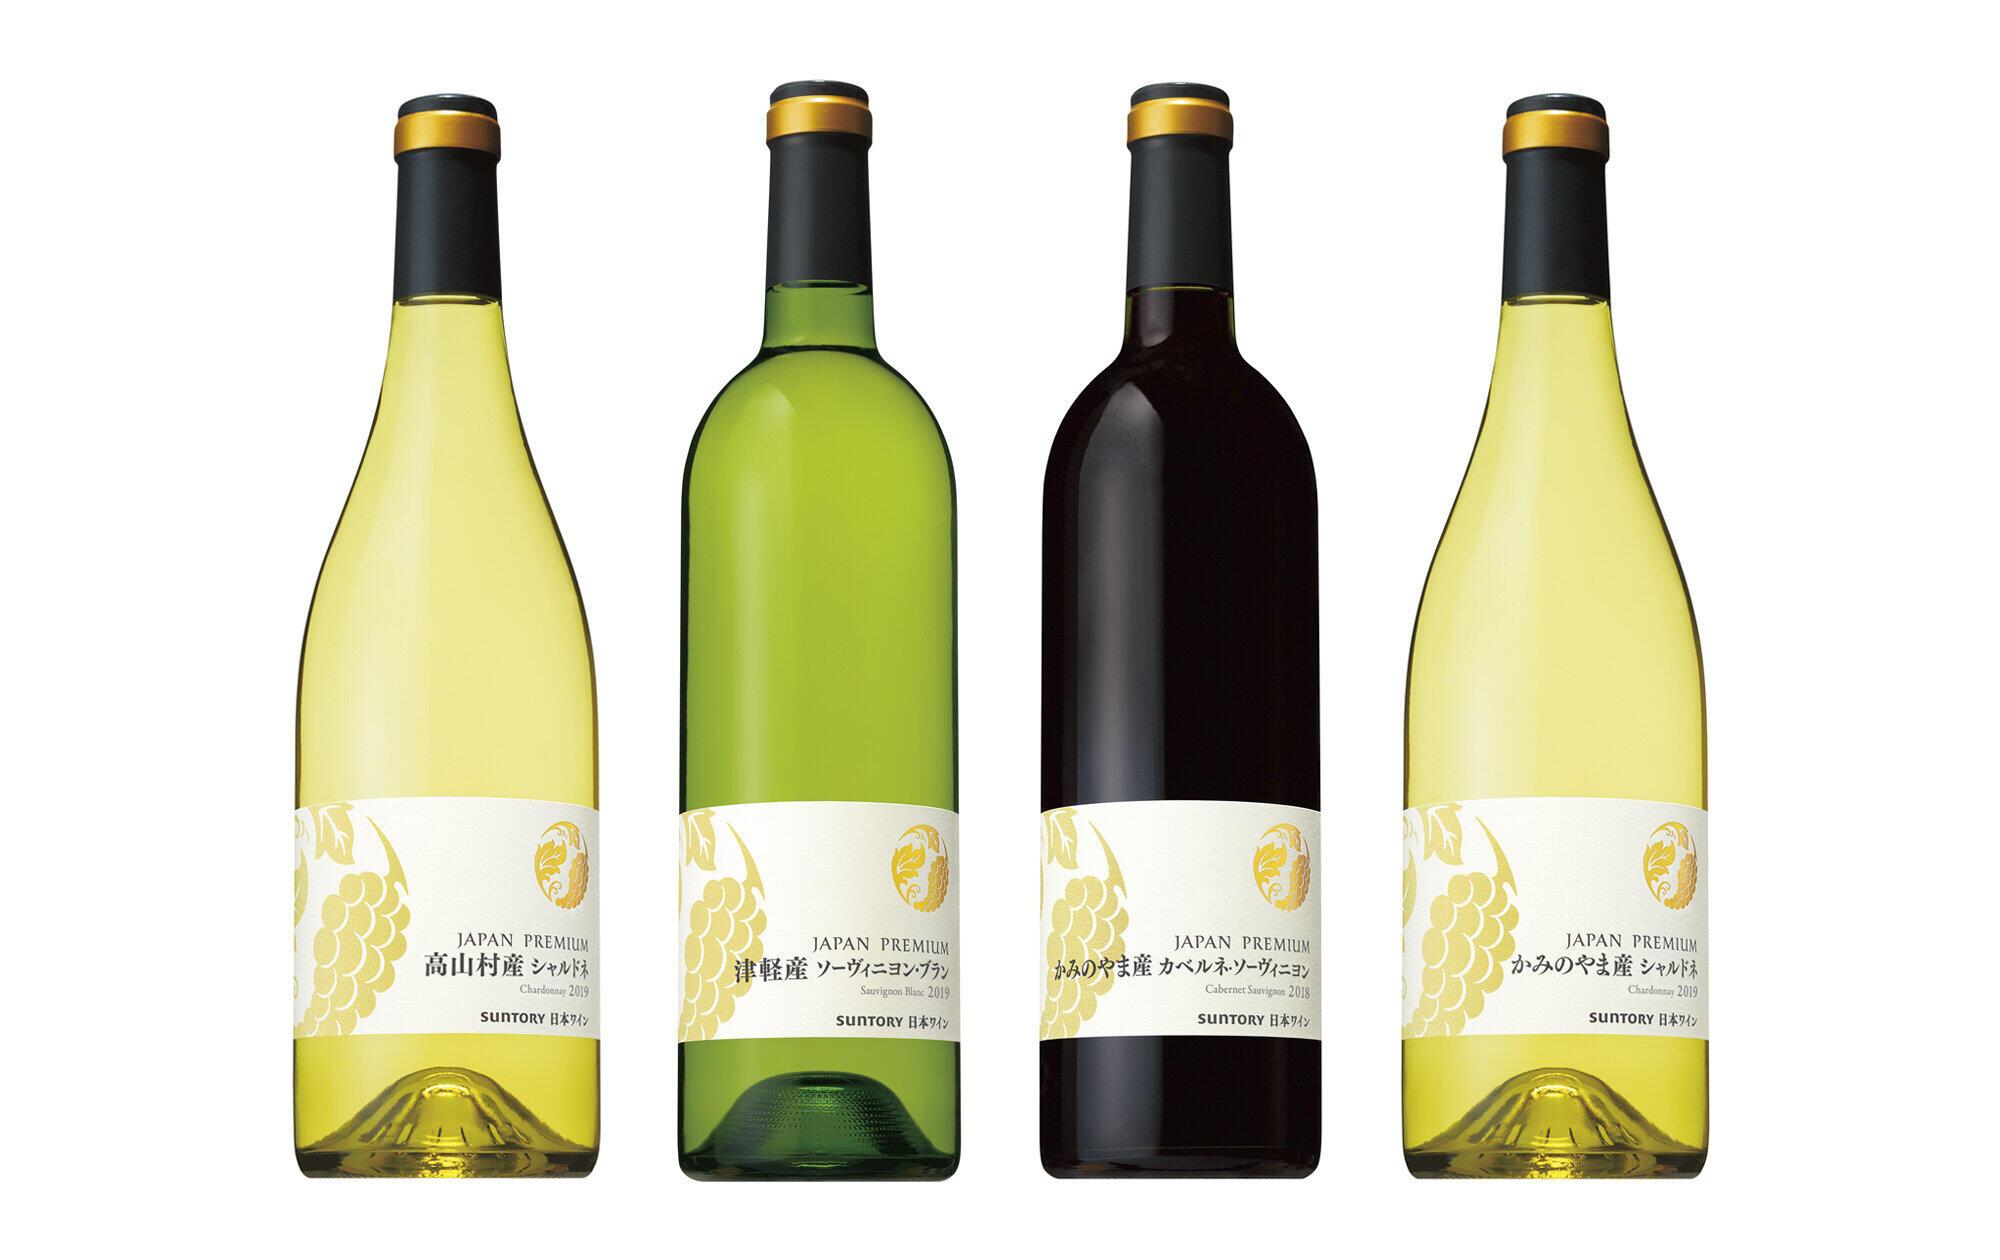 国産ぶどう100%の日本ワイン「ジャパンプレミアム」 新ヴィンテージ4種